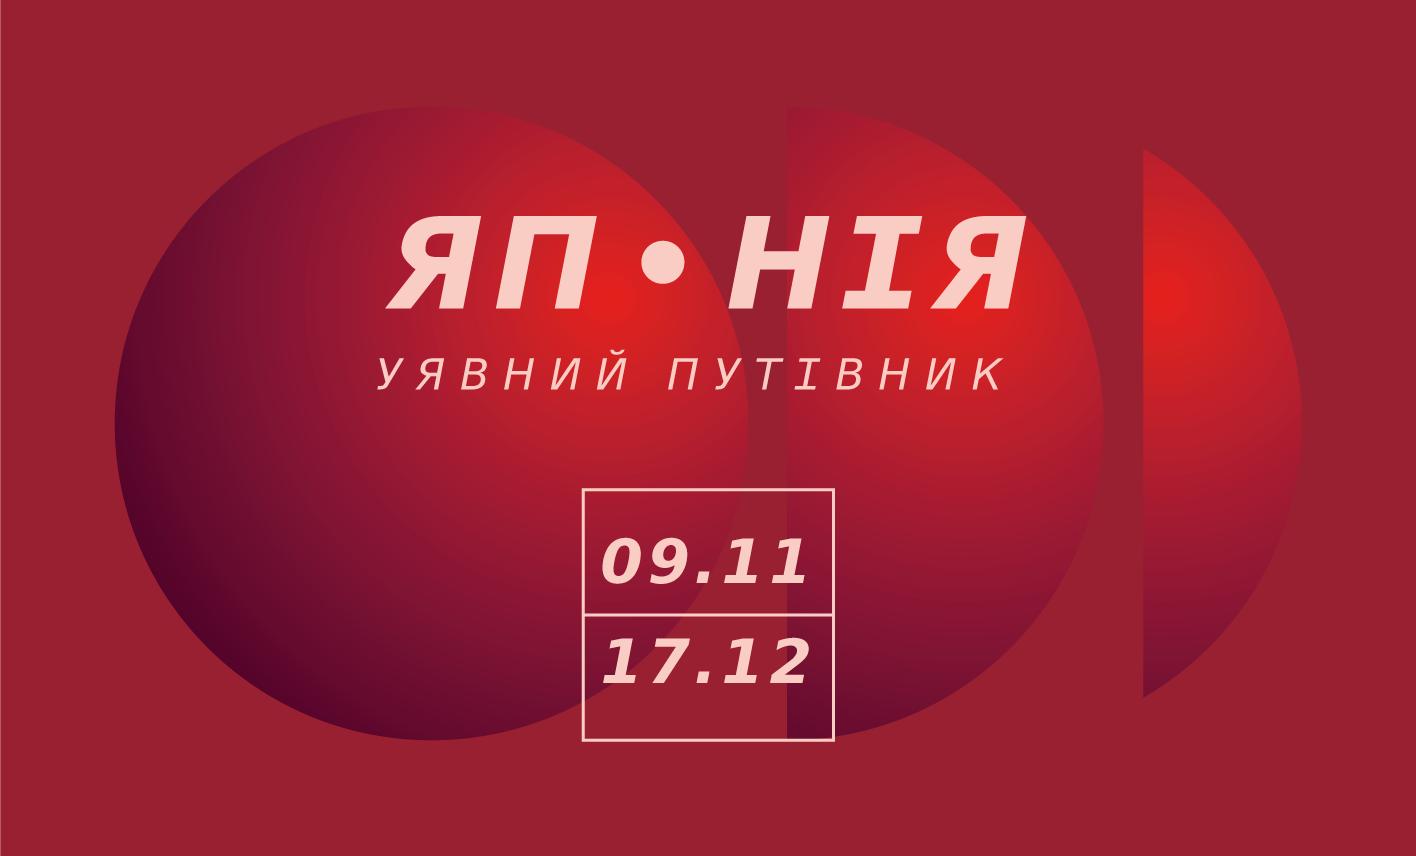 Tiberiy Szilvashi, UA